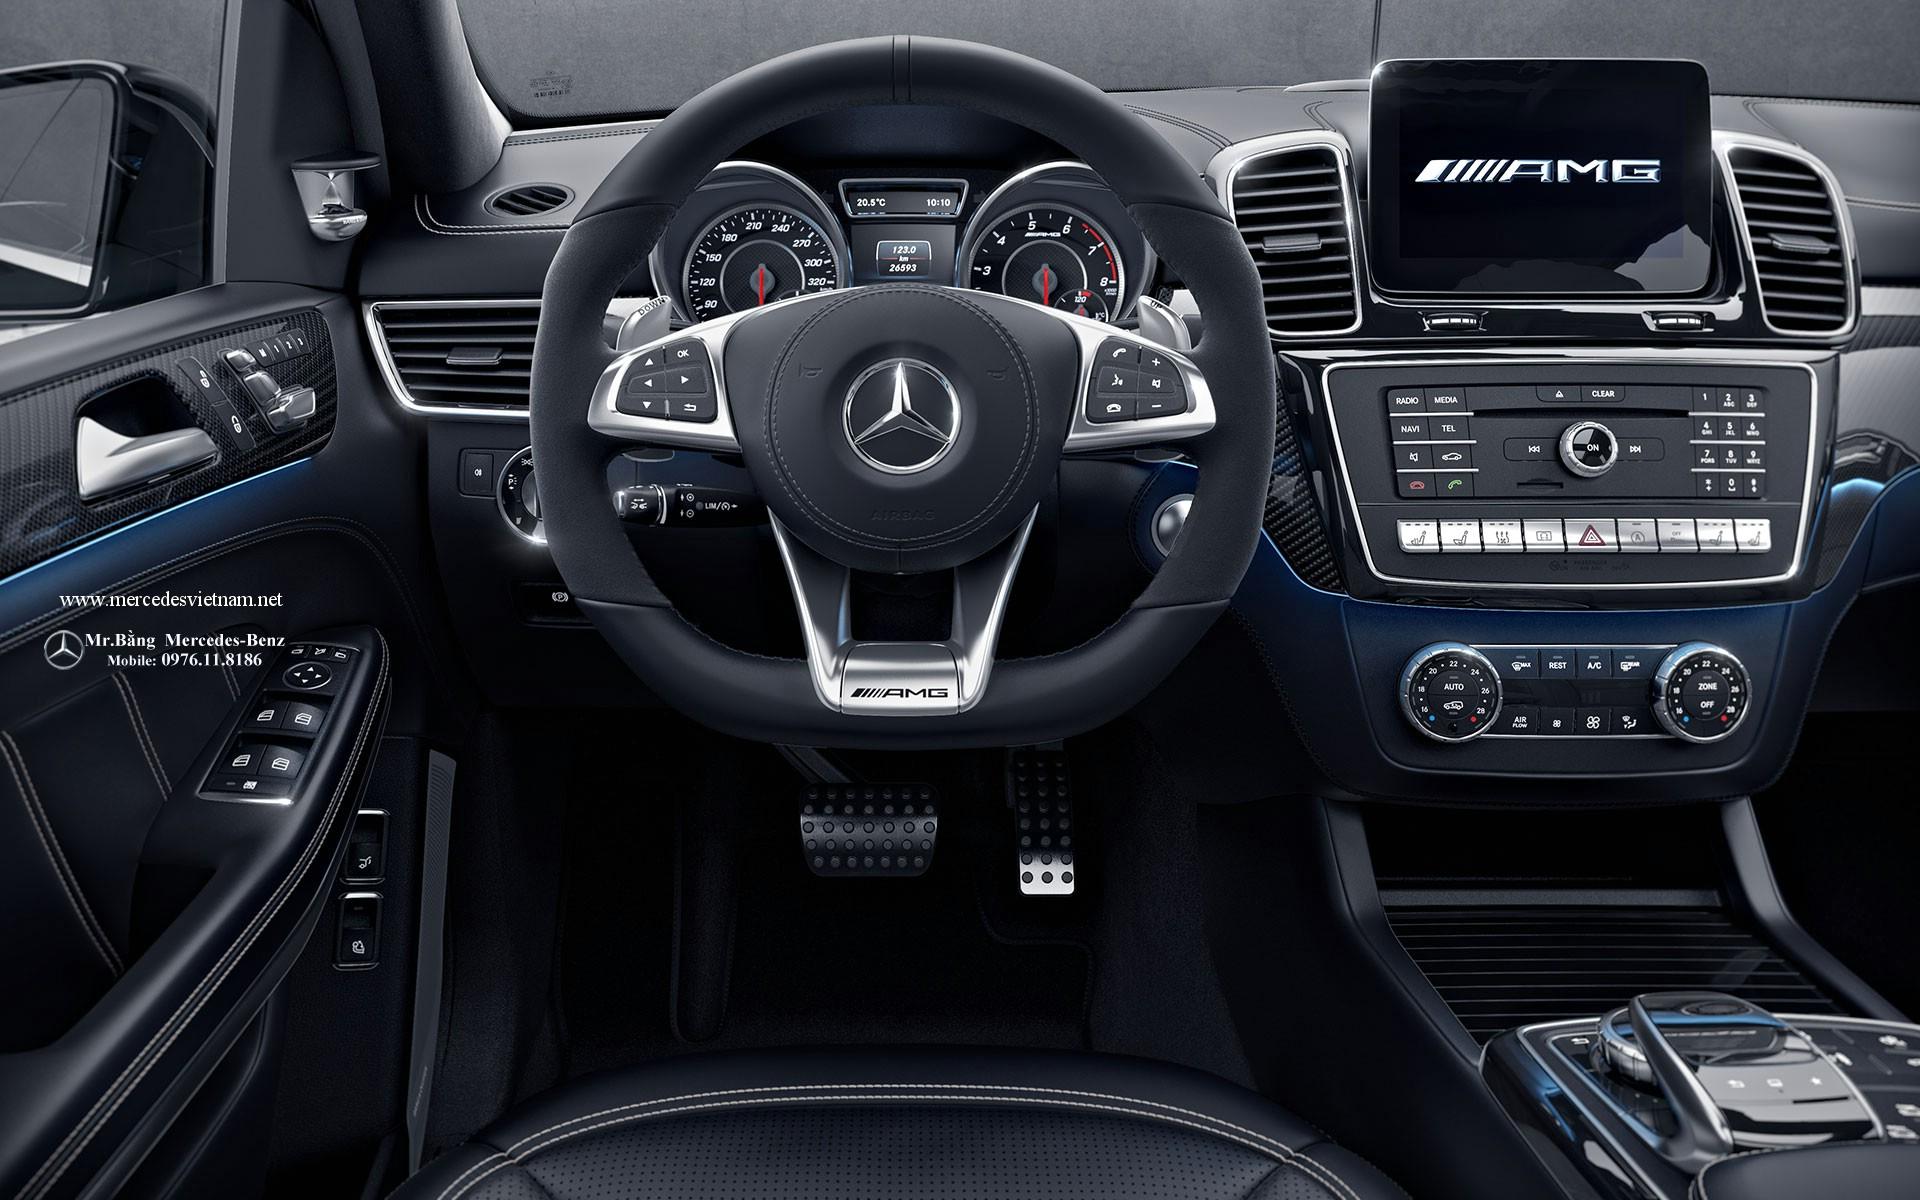 Mercedes AMG GLS 63 4Matic 2016 2017 (8)